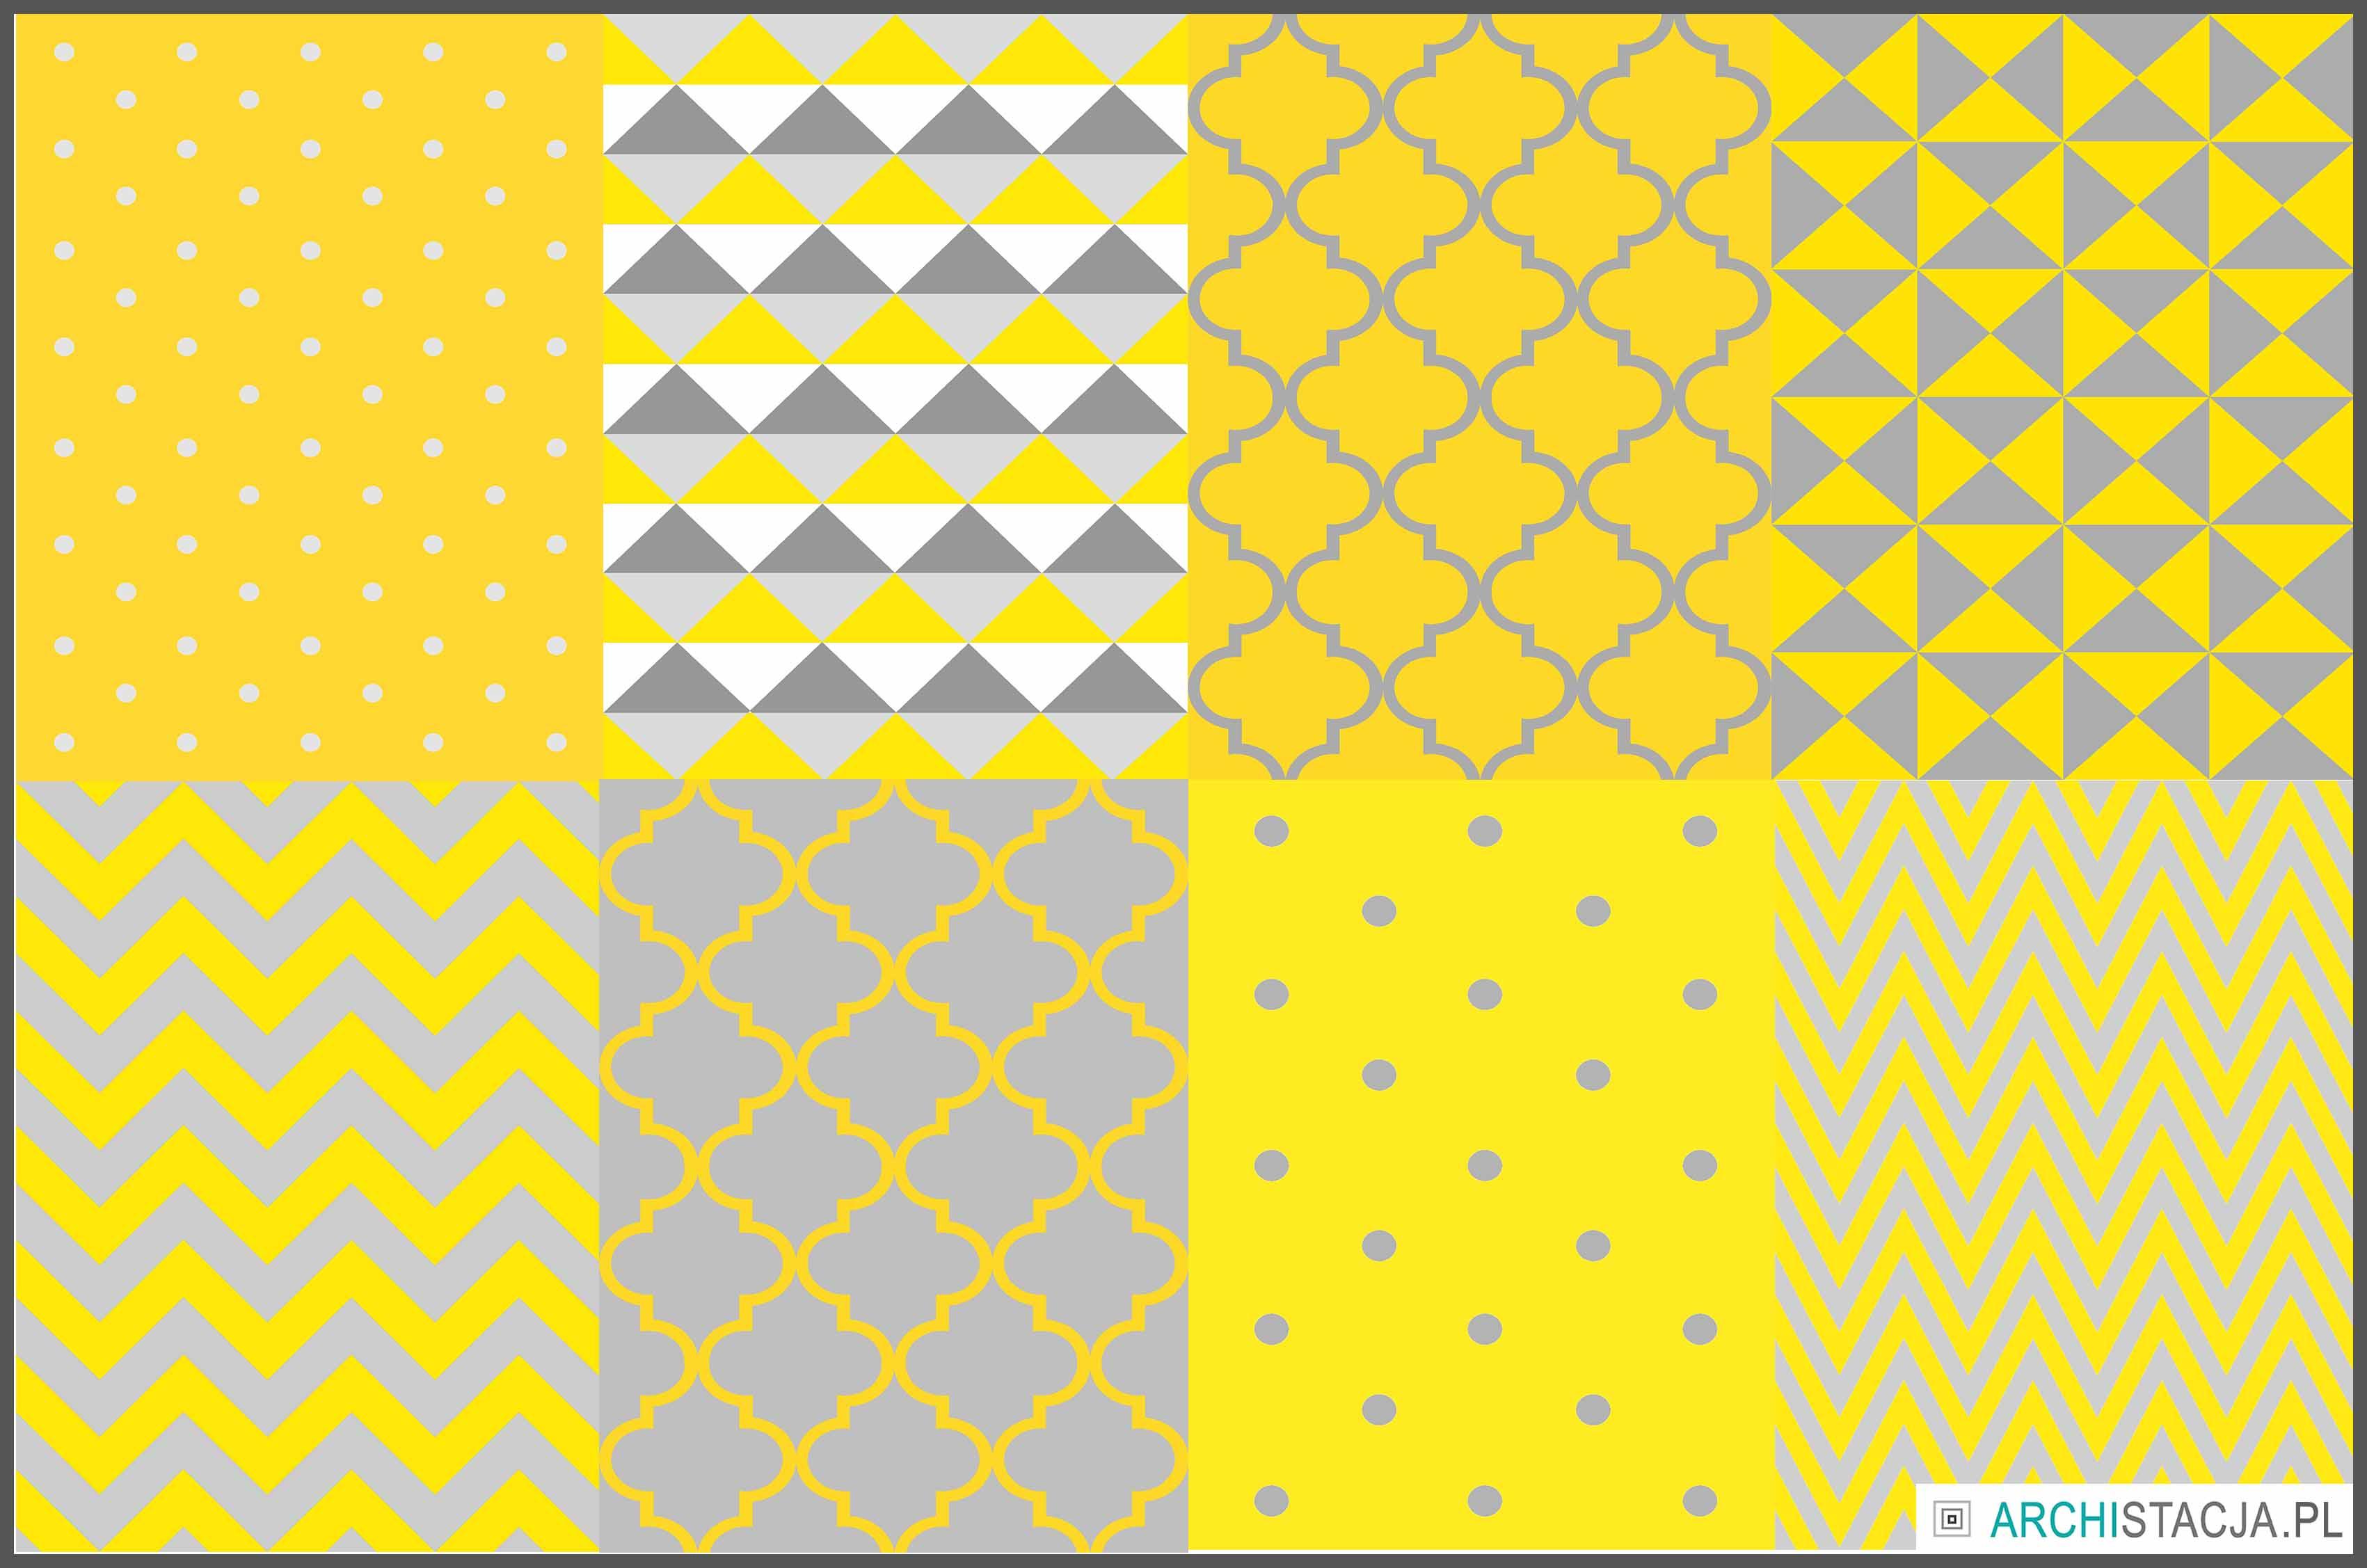 PARA IDEALNA - żółty i szary + GRAFIKI DO DRUKU